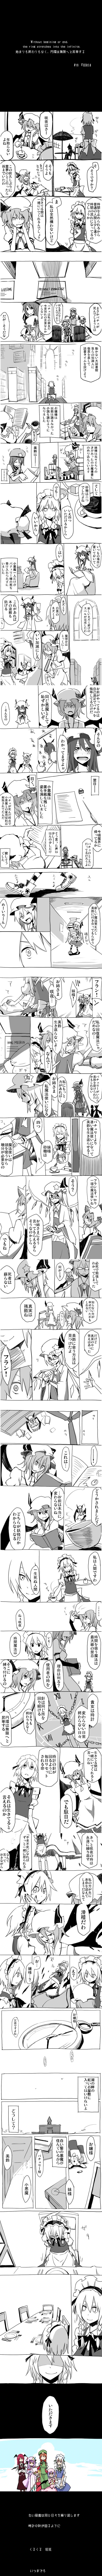 flandre scarlet, hong meiling, izayoi sakuya, koakuma, patchouli knowledge, and others (touhou) drawn by shiroshi (denpa eshidan)